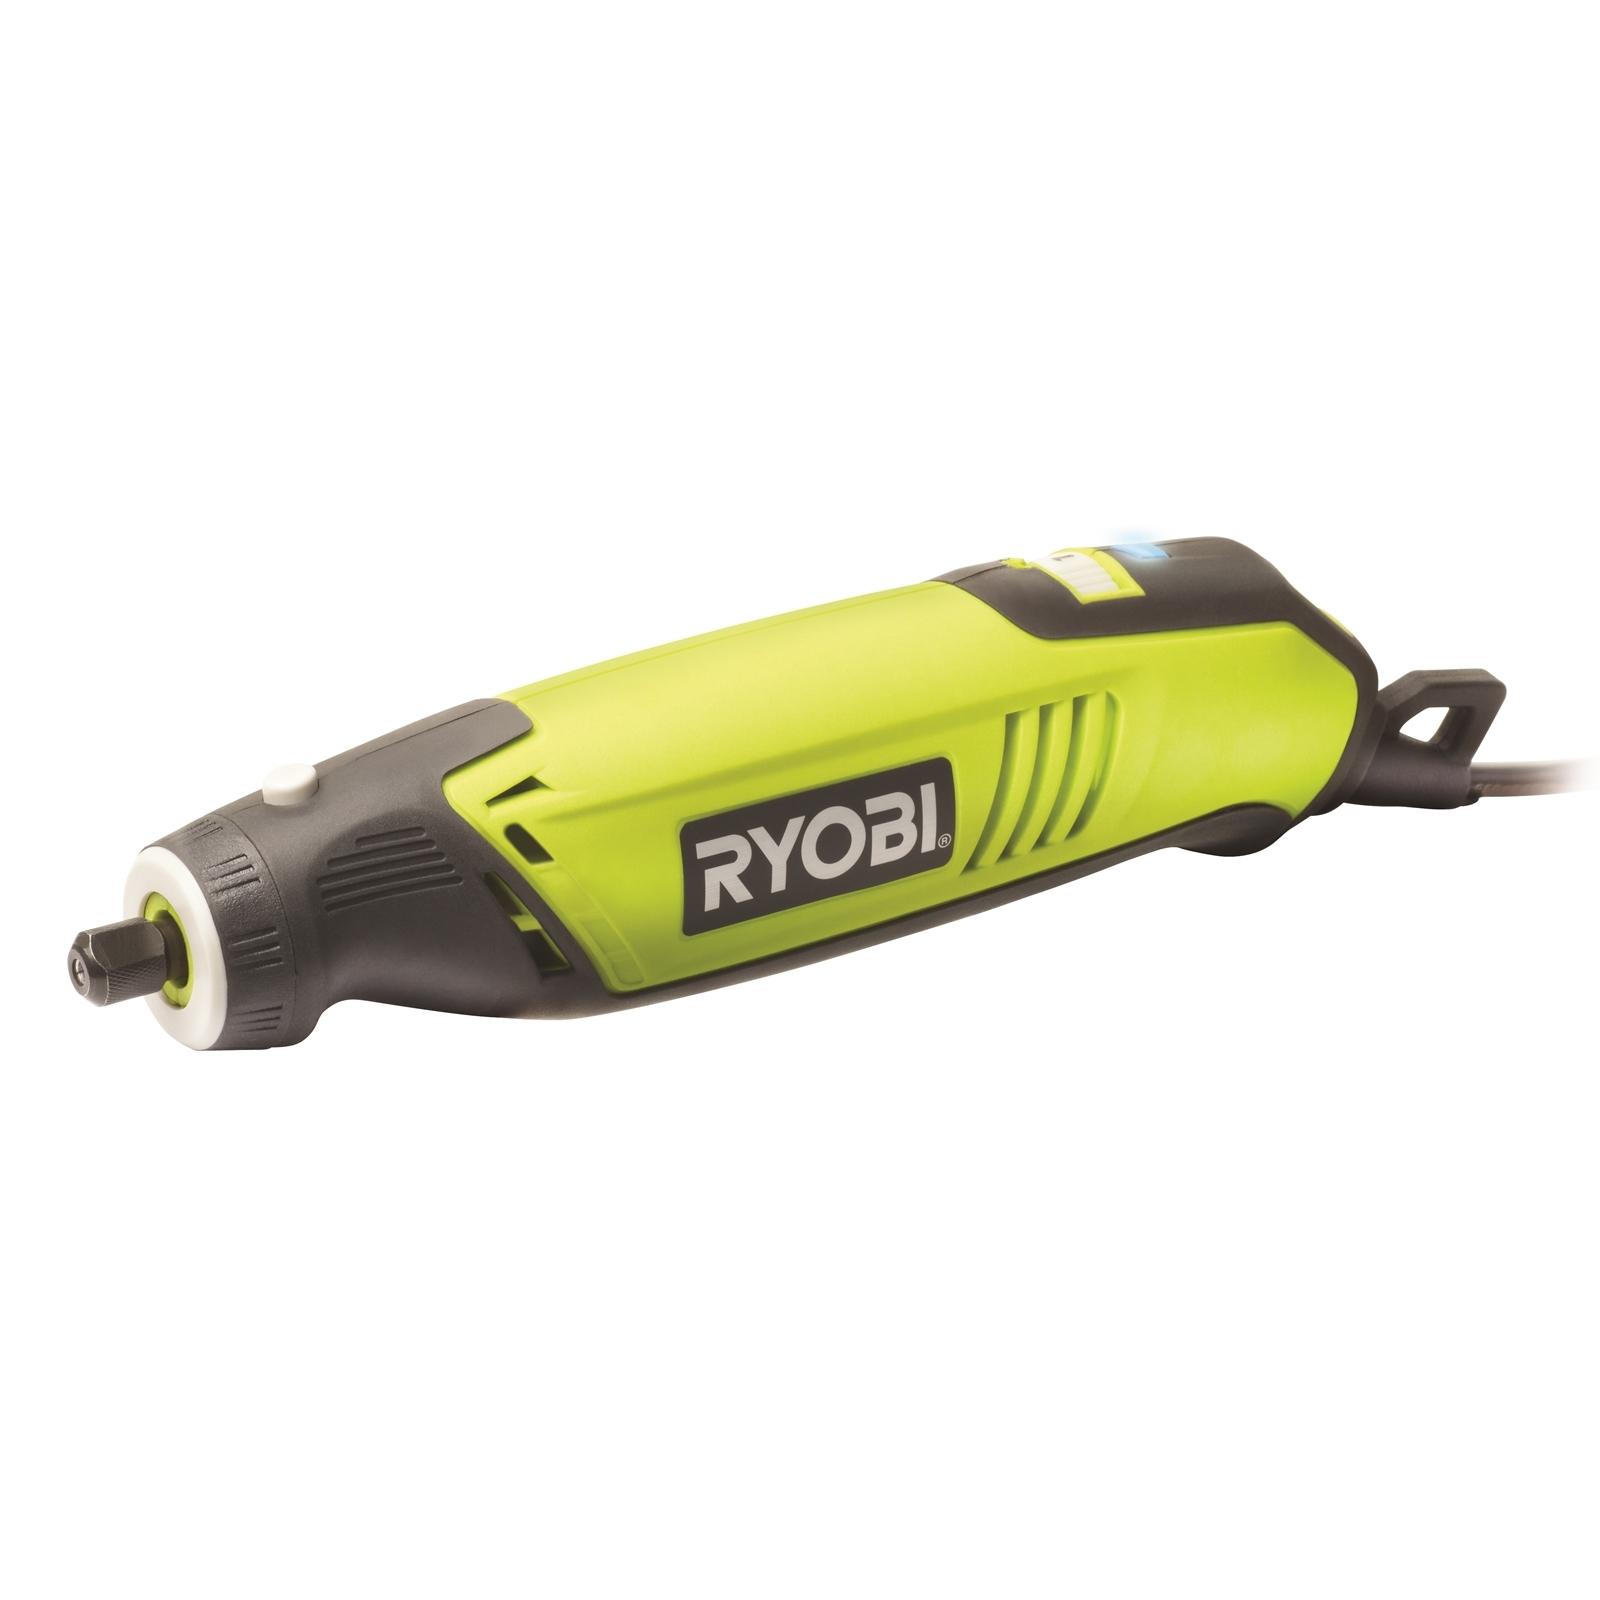 Ryobi Rotary Tool Kit 150W